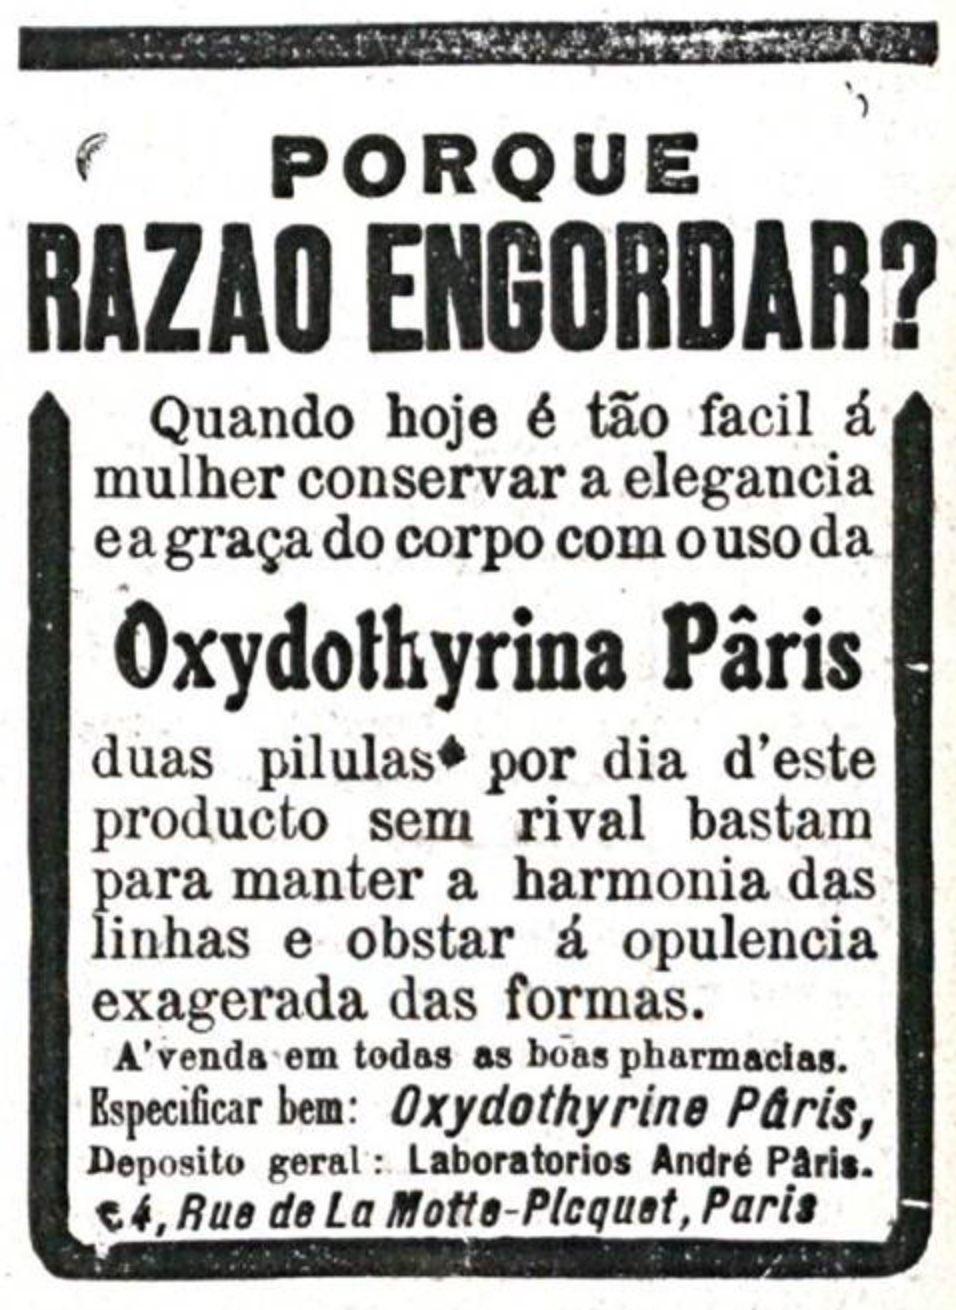 Propaganda antiga de remédio para emagrecimento das mulheres veiculada em 1921.